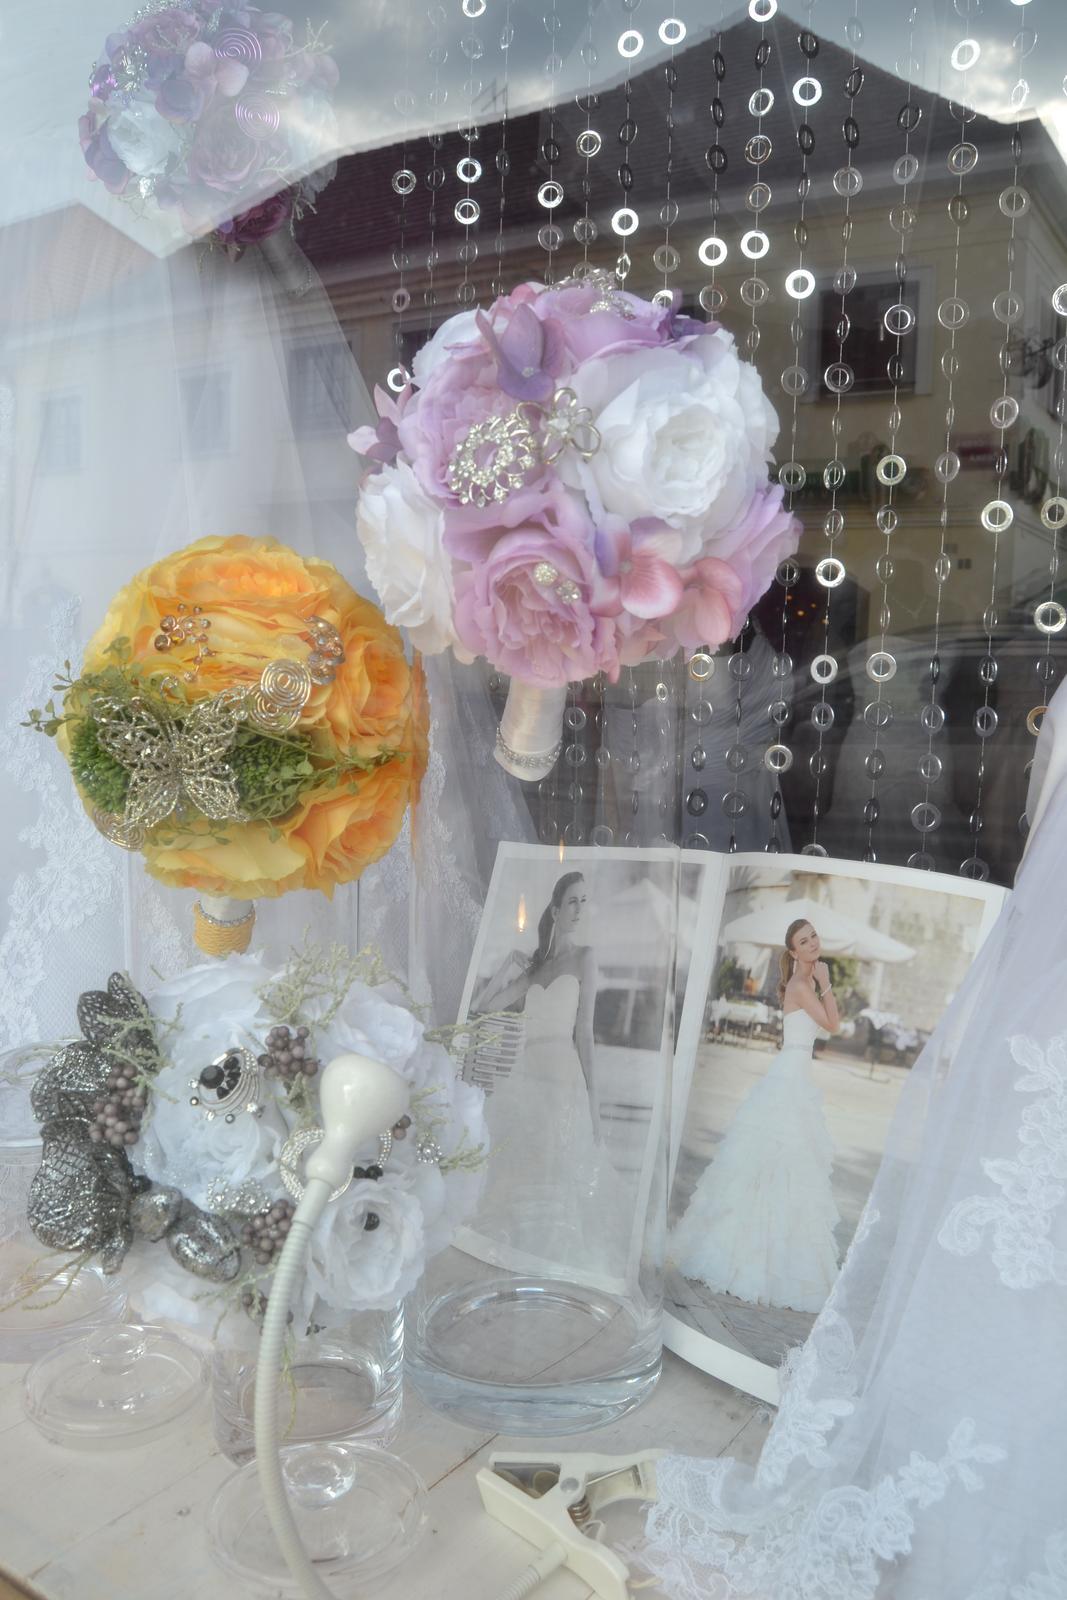 Látkové umělé svatební kytice-info - Obrázek č. 17